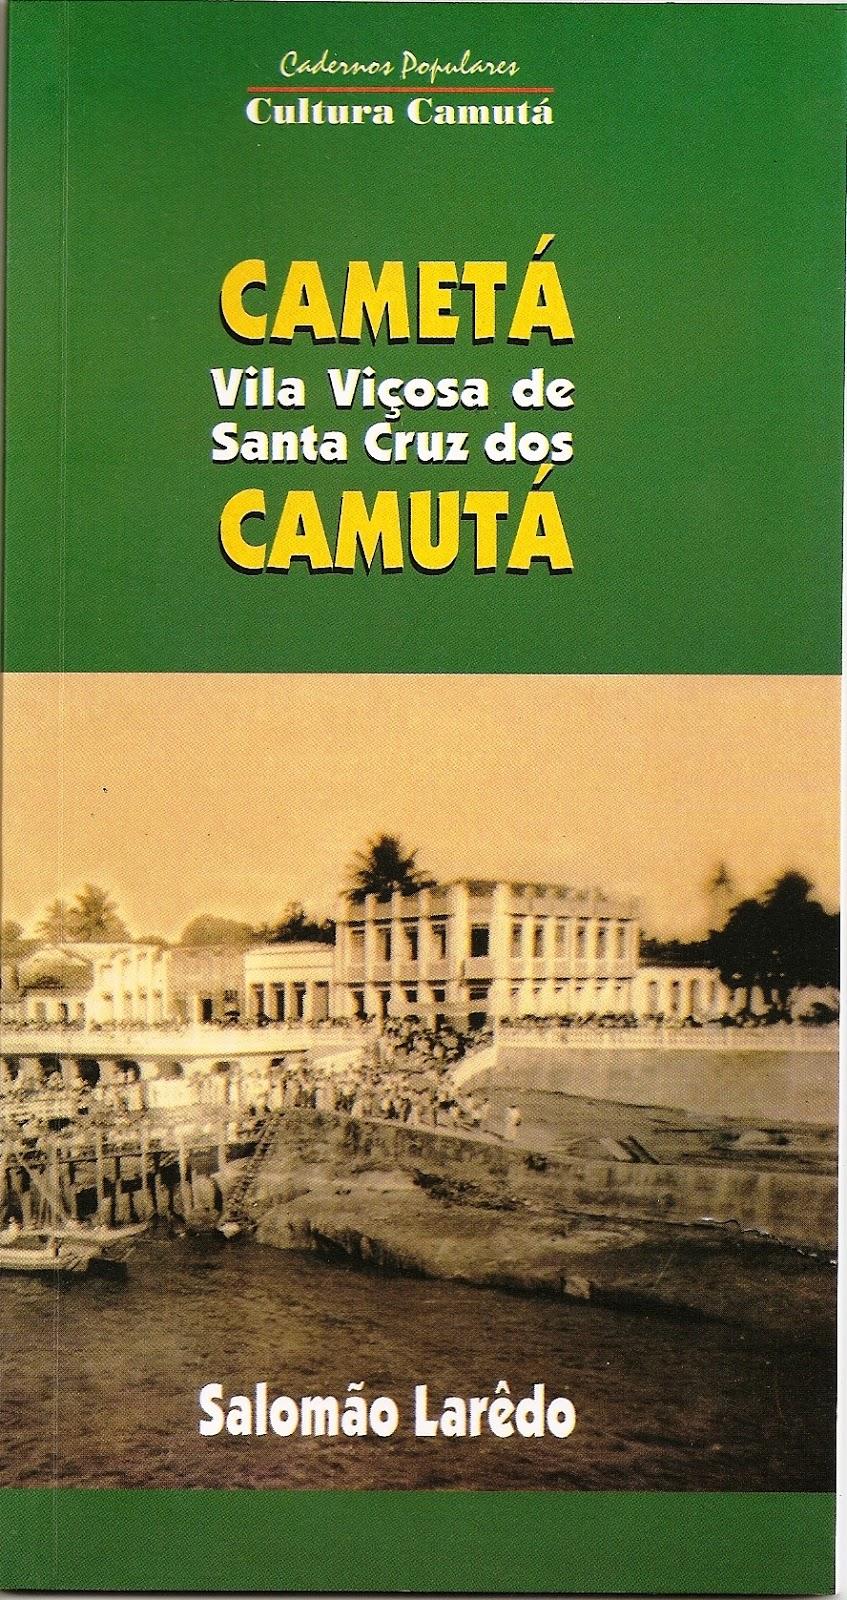 Salom o lar do camet costumes e tradi es populares for Cameta com